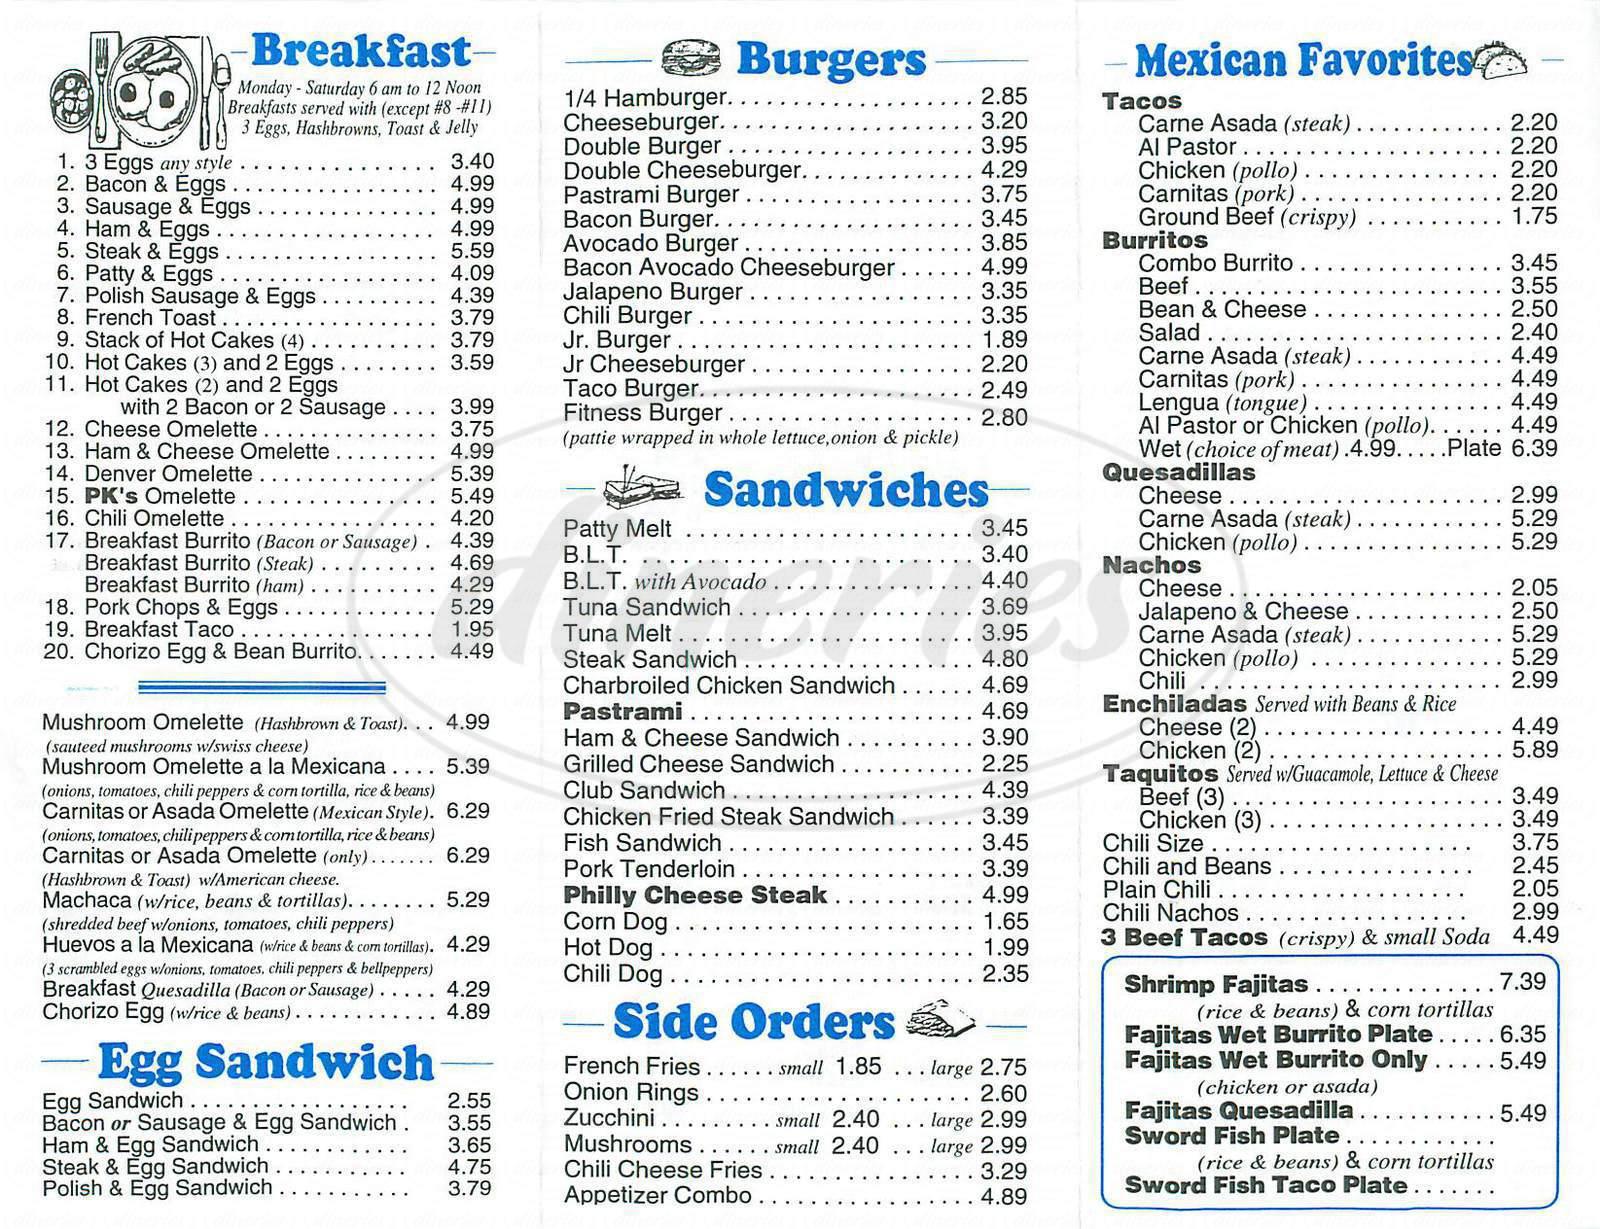 menu for Pk Burgers